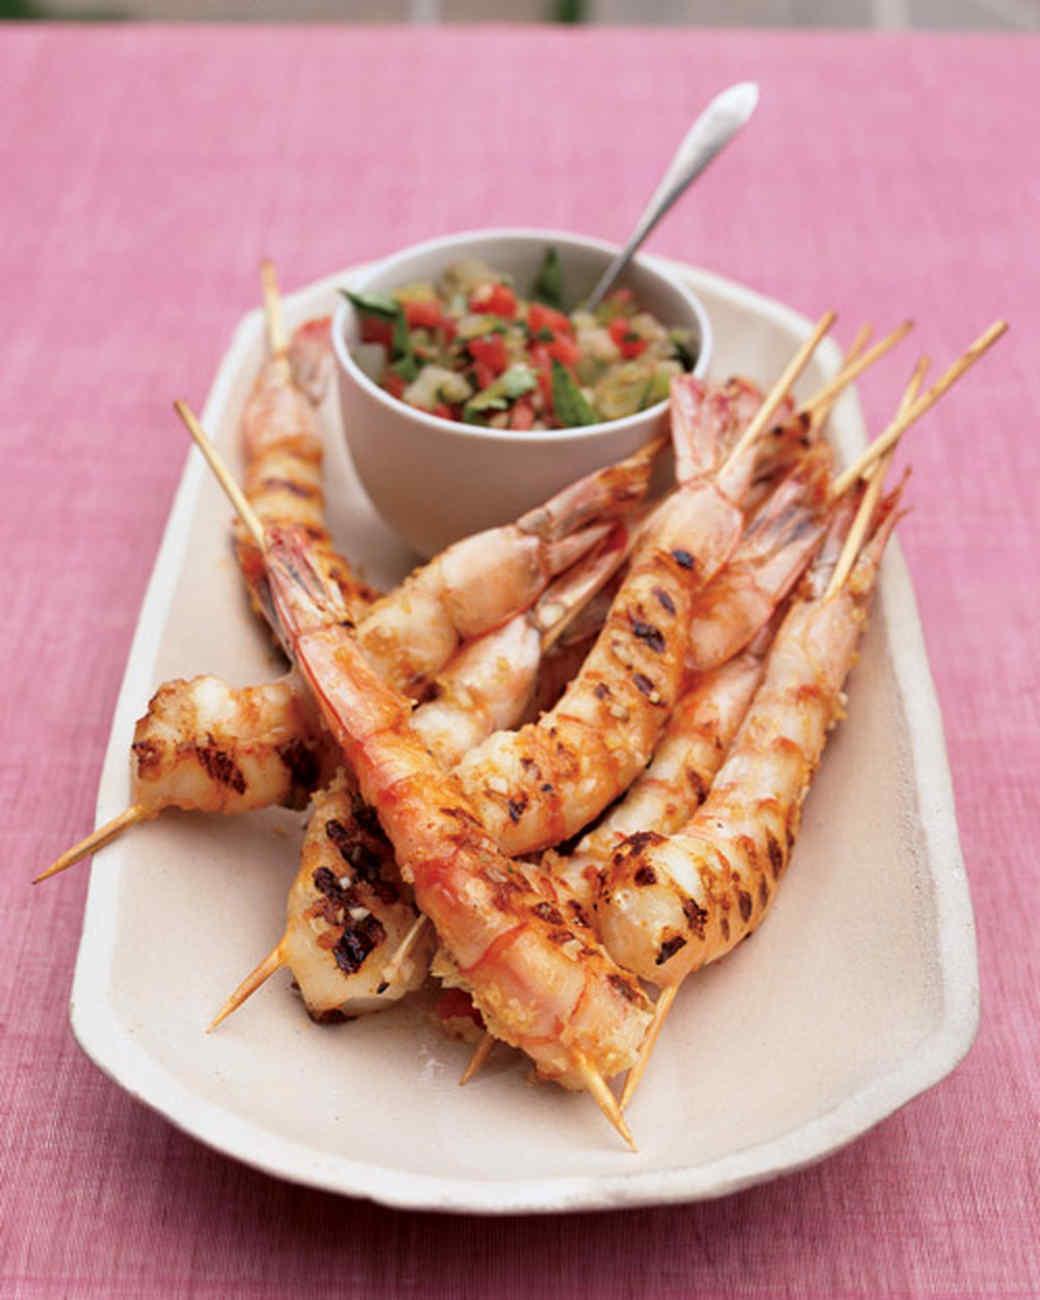 ba10265407_whl_shrimp.jpg